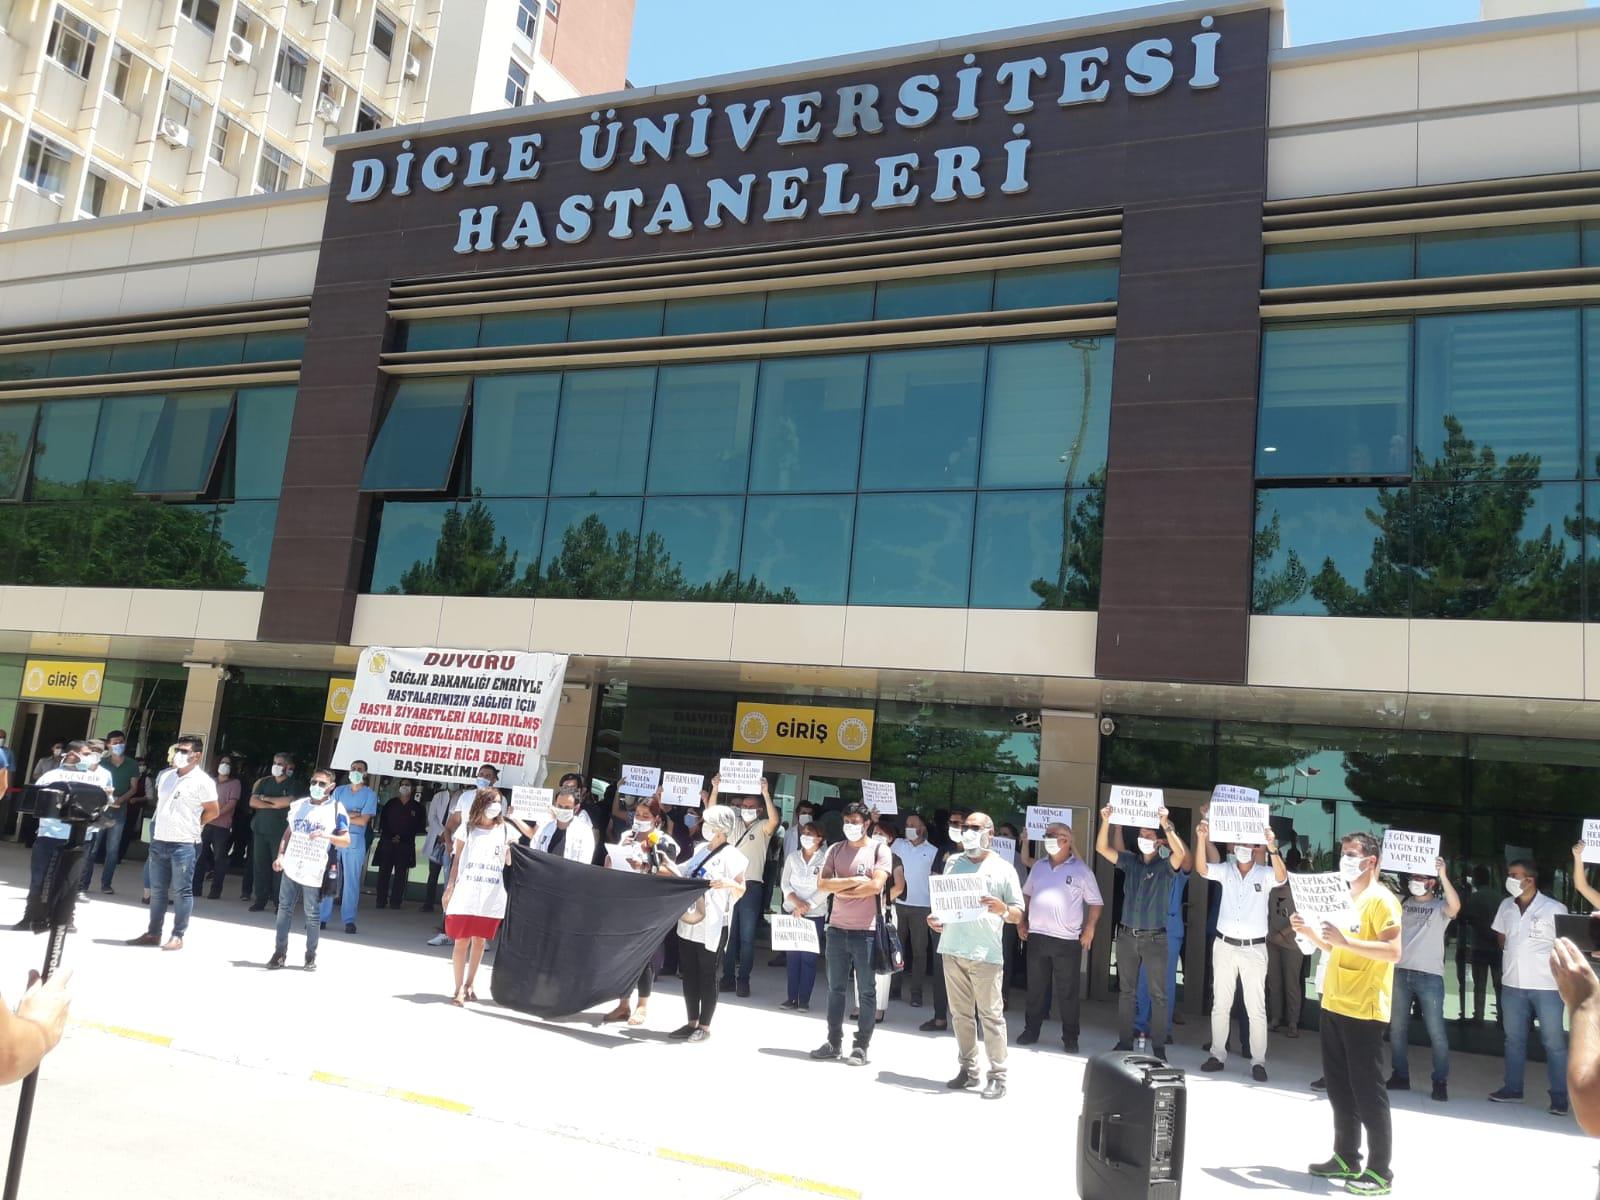 Diyarbakır Sağlık Platformu: Bu Çalışma Düzeni Sağlıkta İntiharları Artırıyor